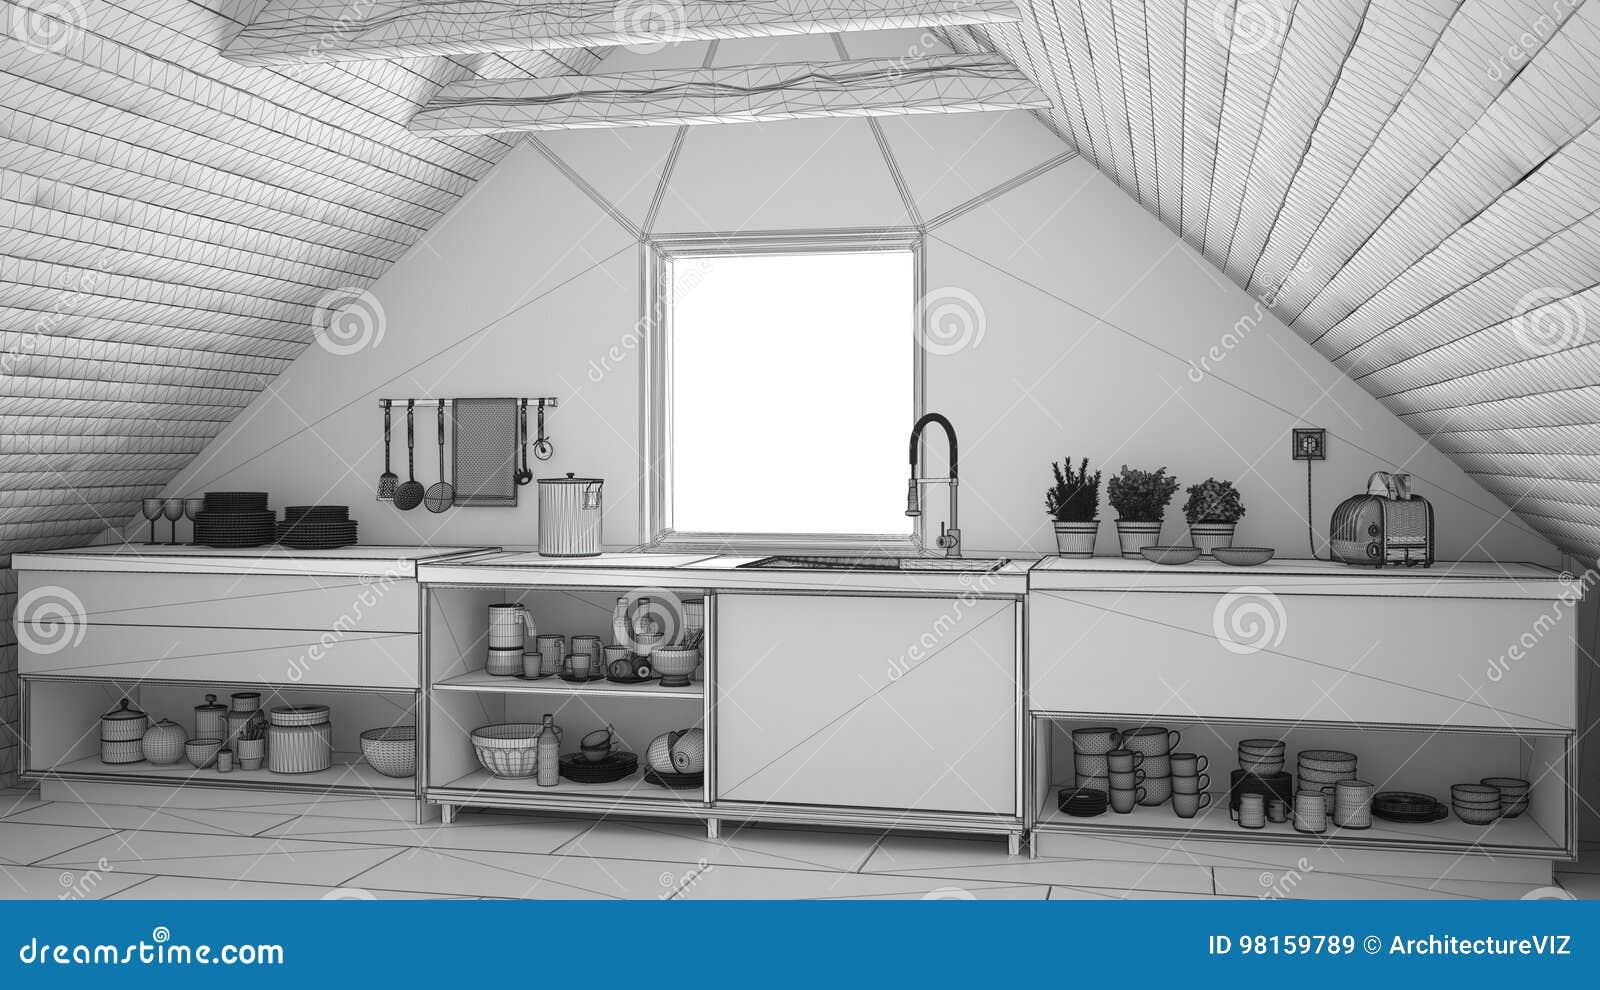 Cozinha Industrial Projeto Locao De De Cozinha Industrial With